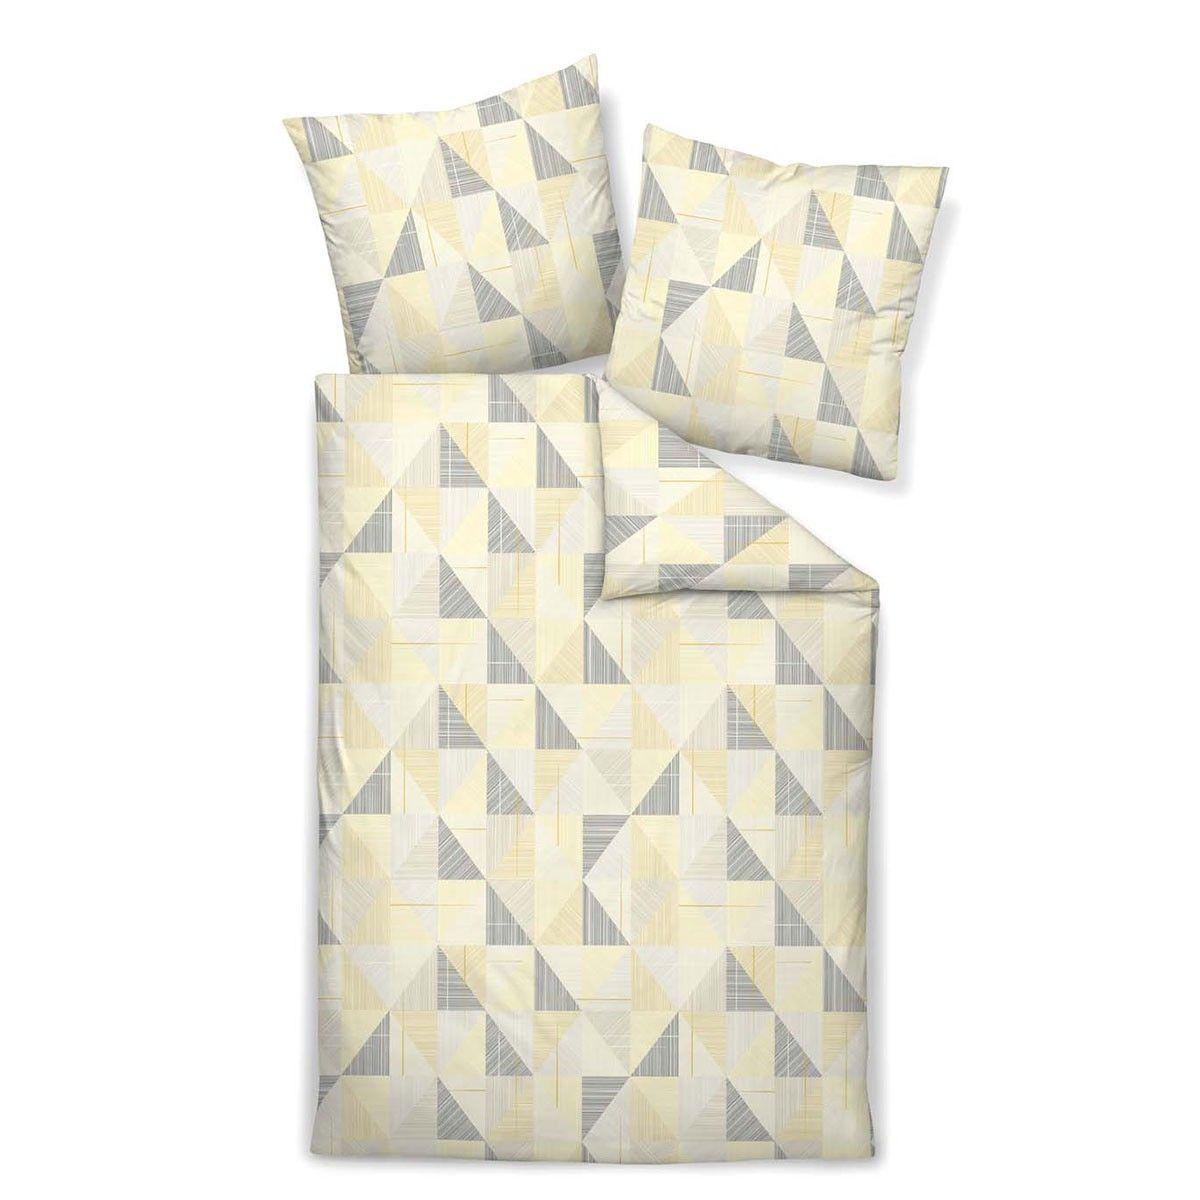 janine mako satin bettw sche messina 43024 03 mineralgelb in zart gl nzender baumwolle f r den. Black Bedroom Furniture Sets. Home Design Ideas